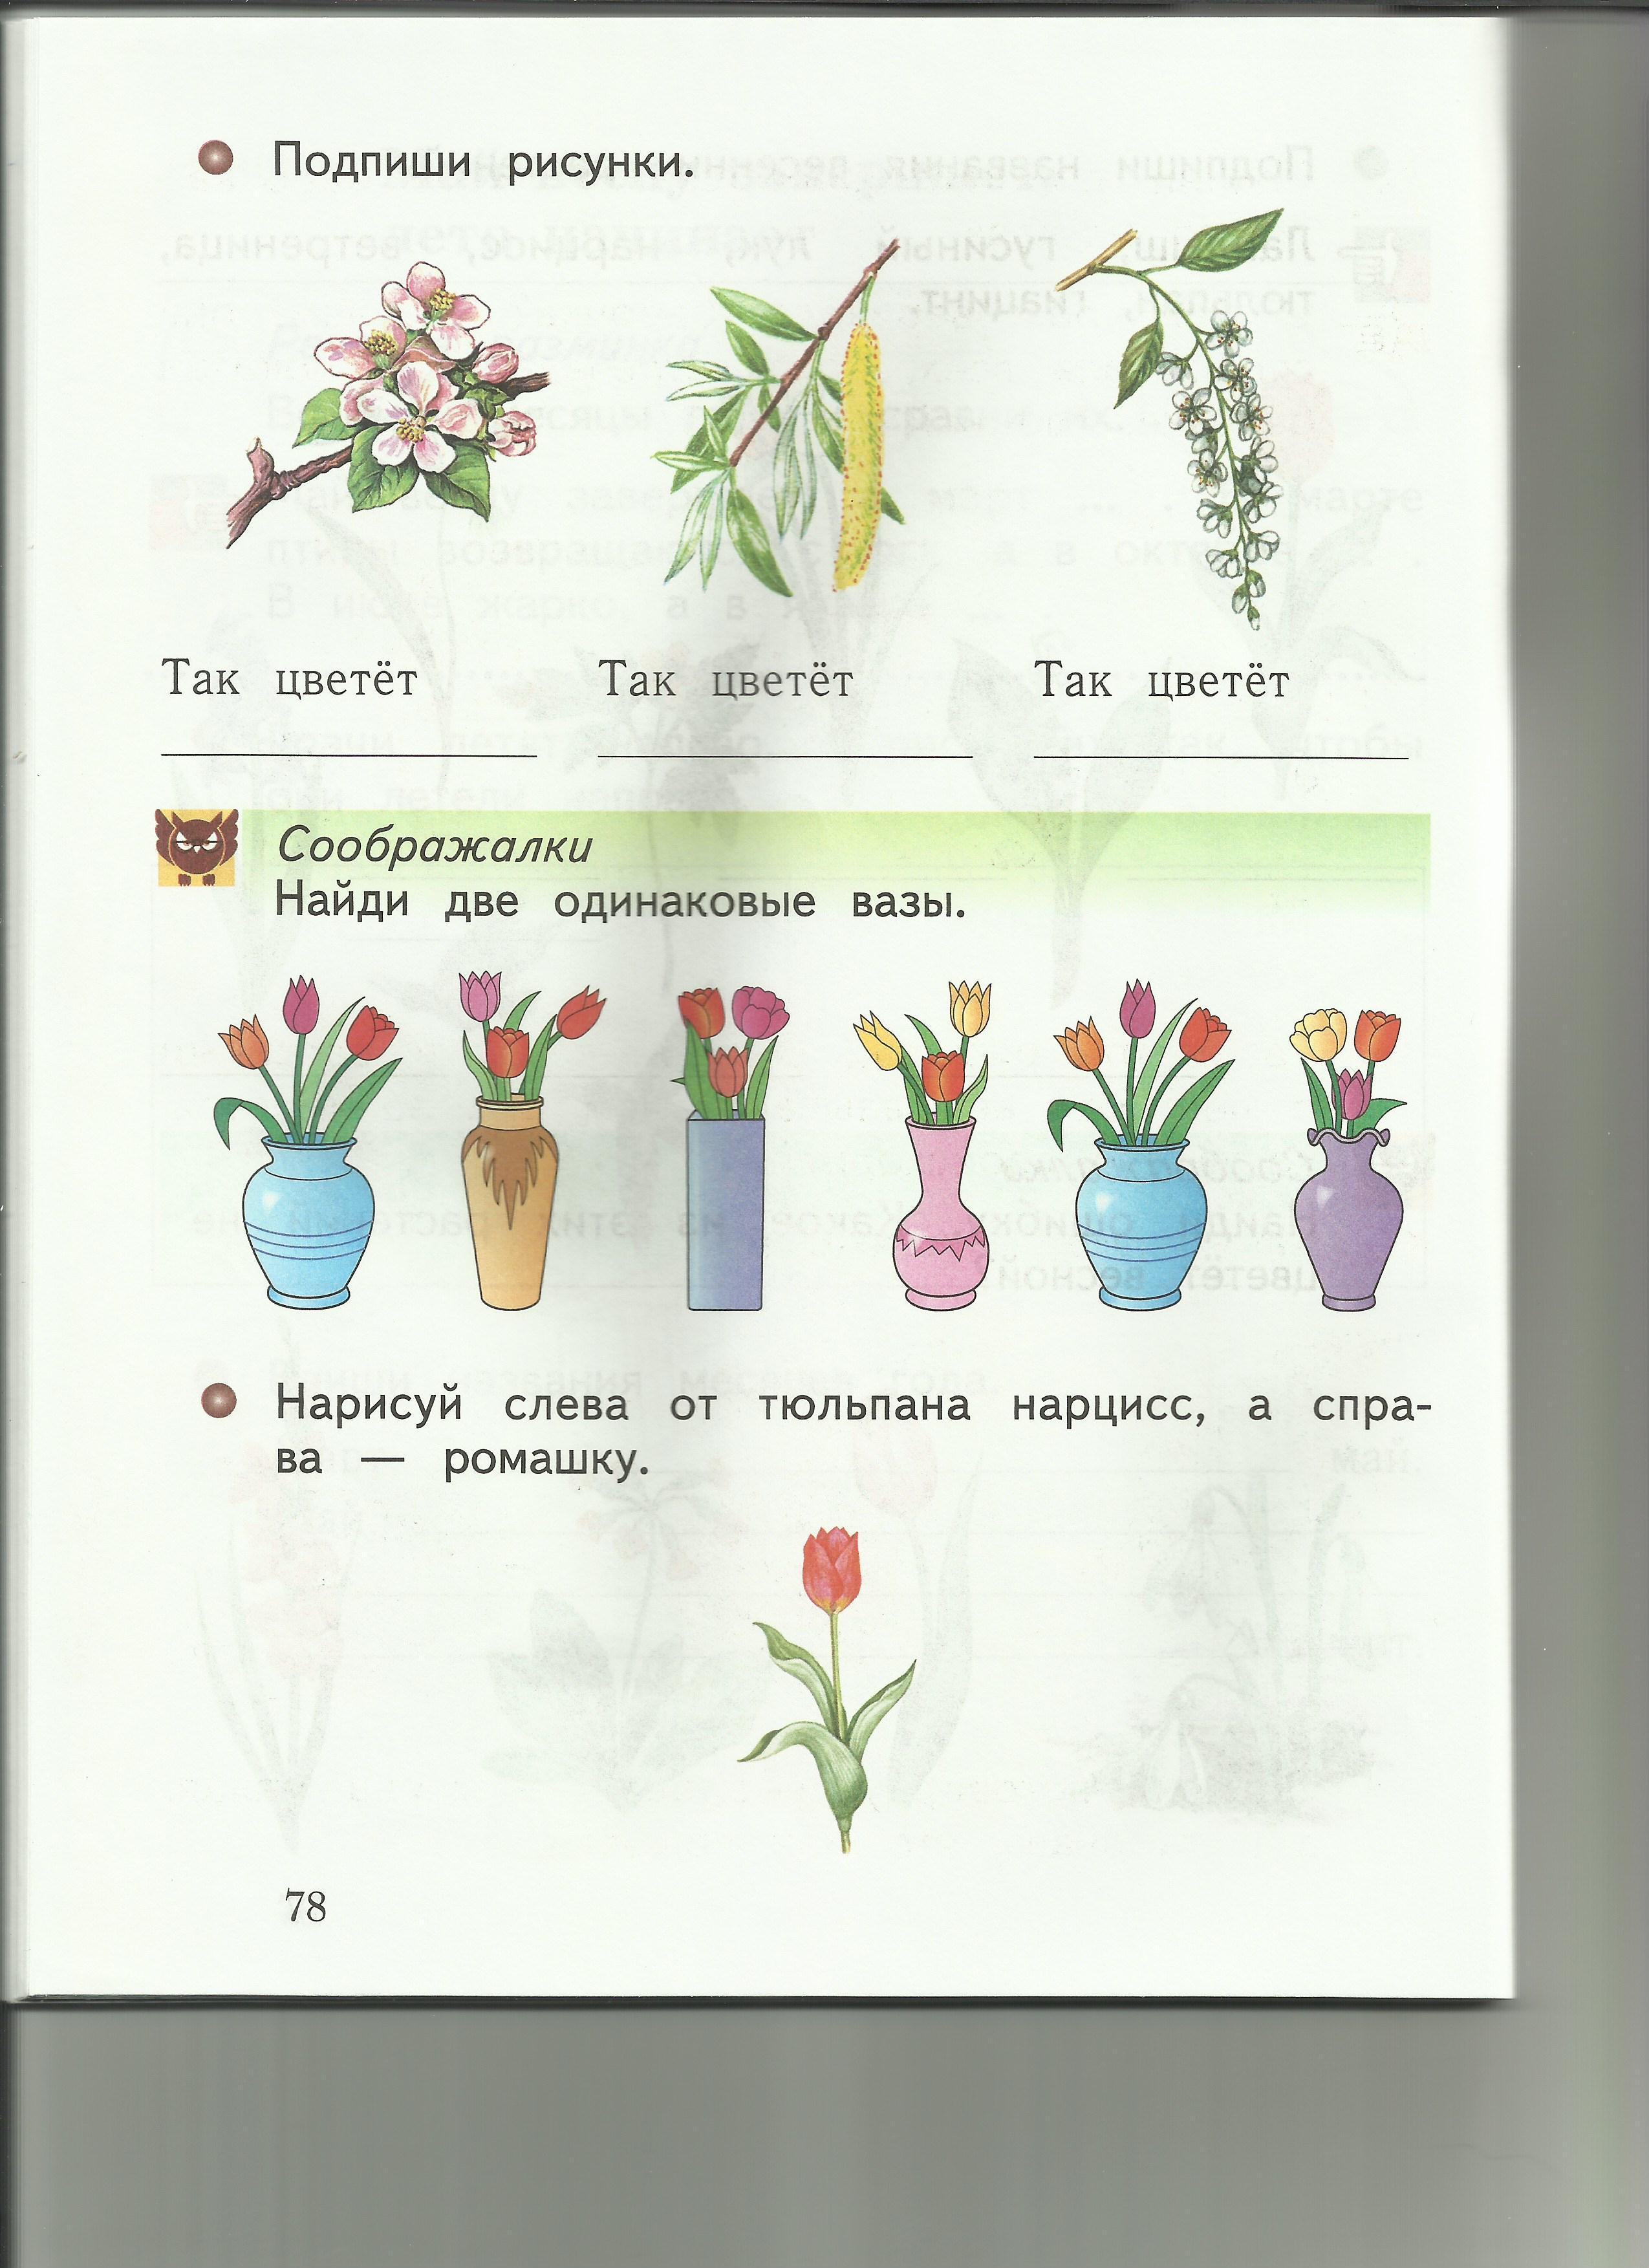 C:\Users\пр\Desktop\папка растения 8\8подпиши рисунки.jpg